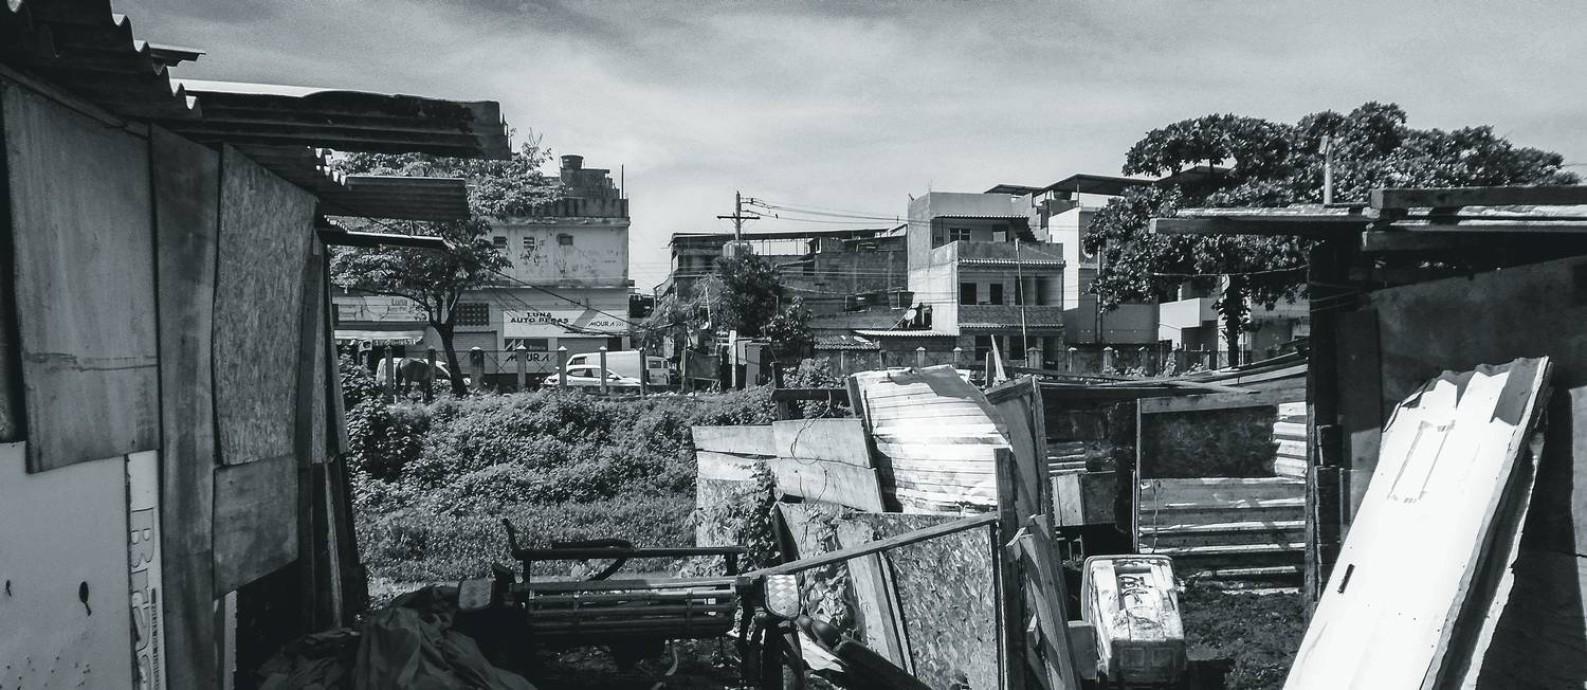 O Complexo da Maré abriga 130 mil moradores em um conjunto de 16 favelas entre a Avenida Brasil e a Linha Vermelha, os dois principais acessos ao Rio de Janeiro. Foto: Kamily Vitória Souza Rodrigues